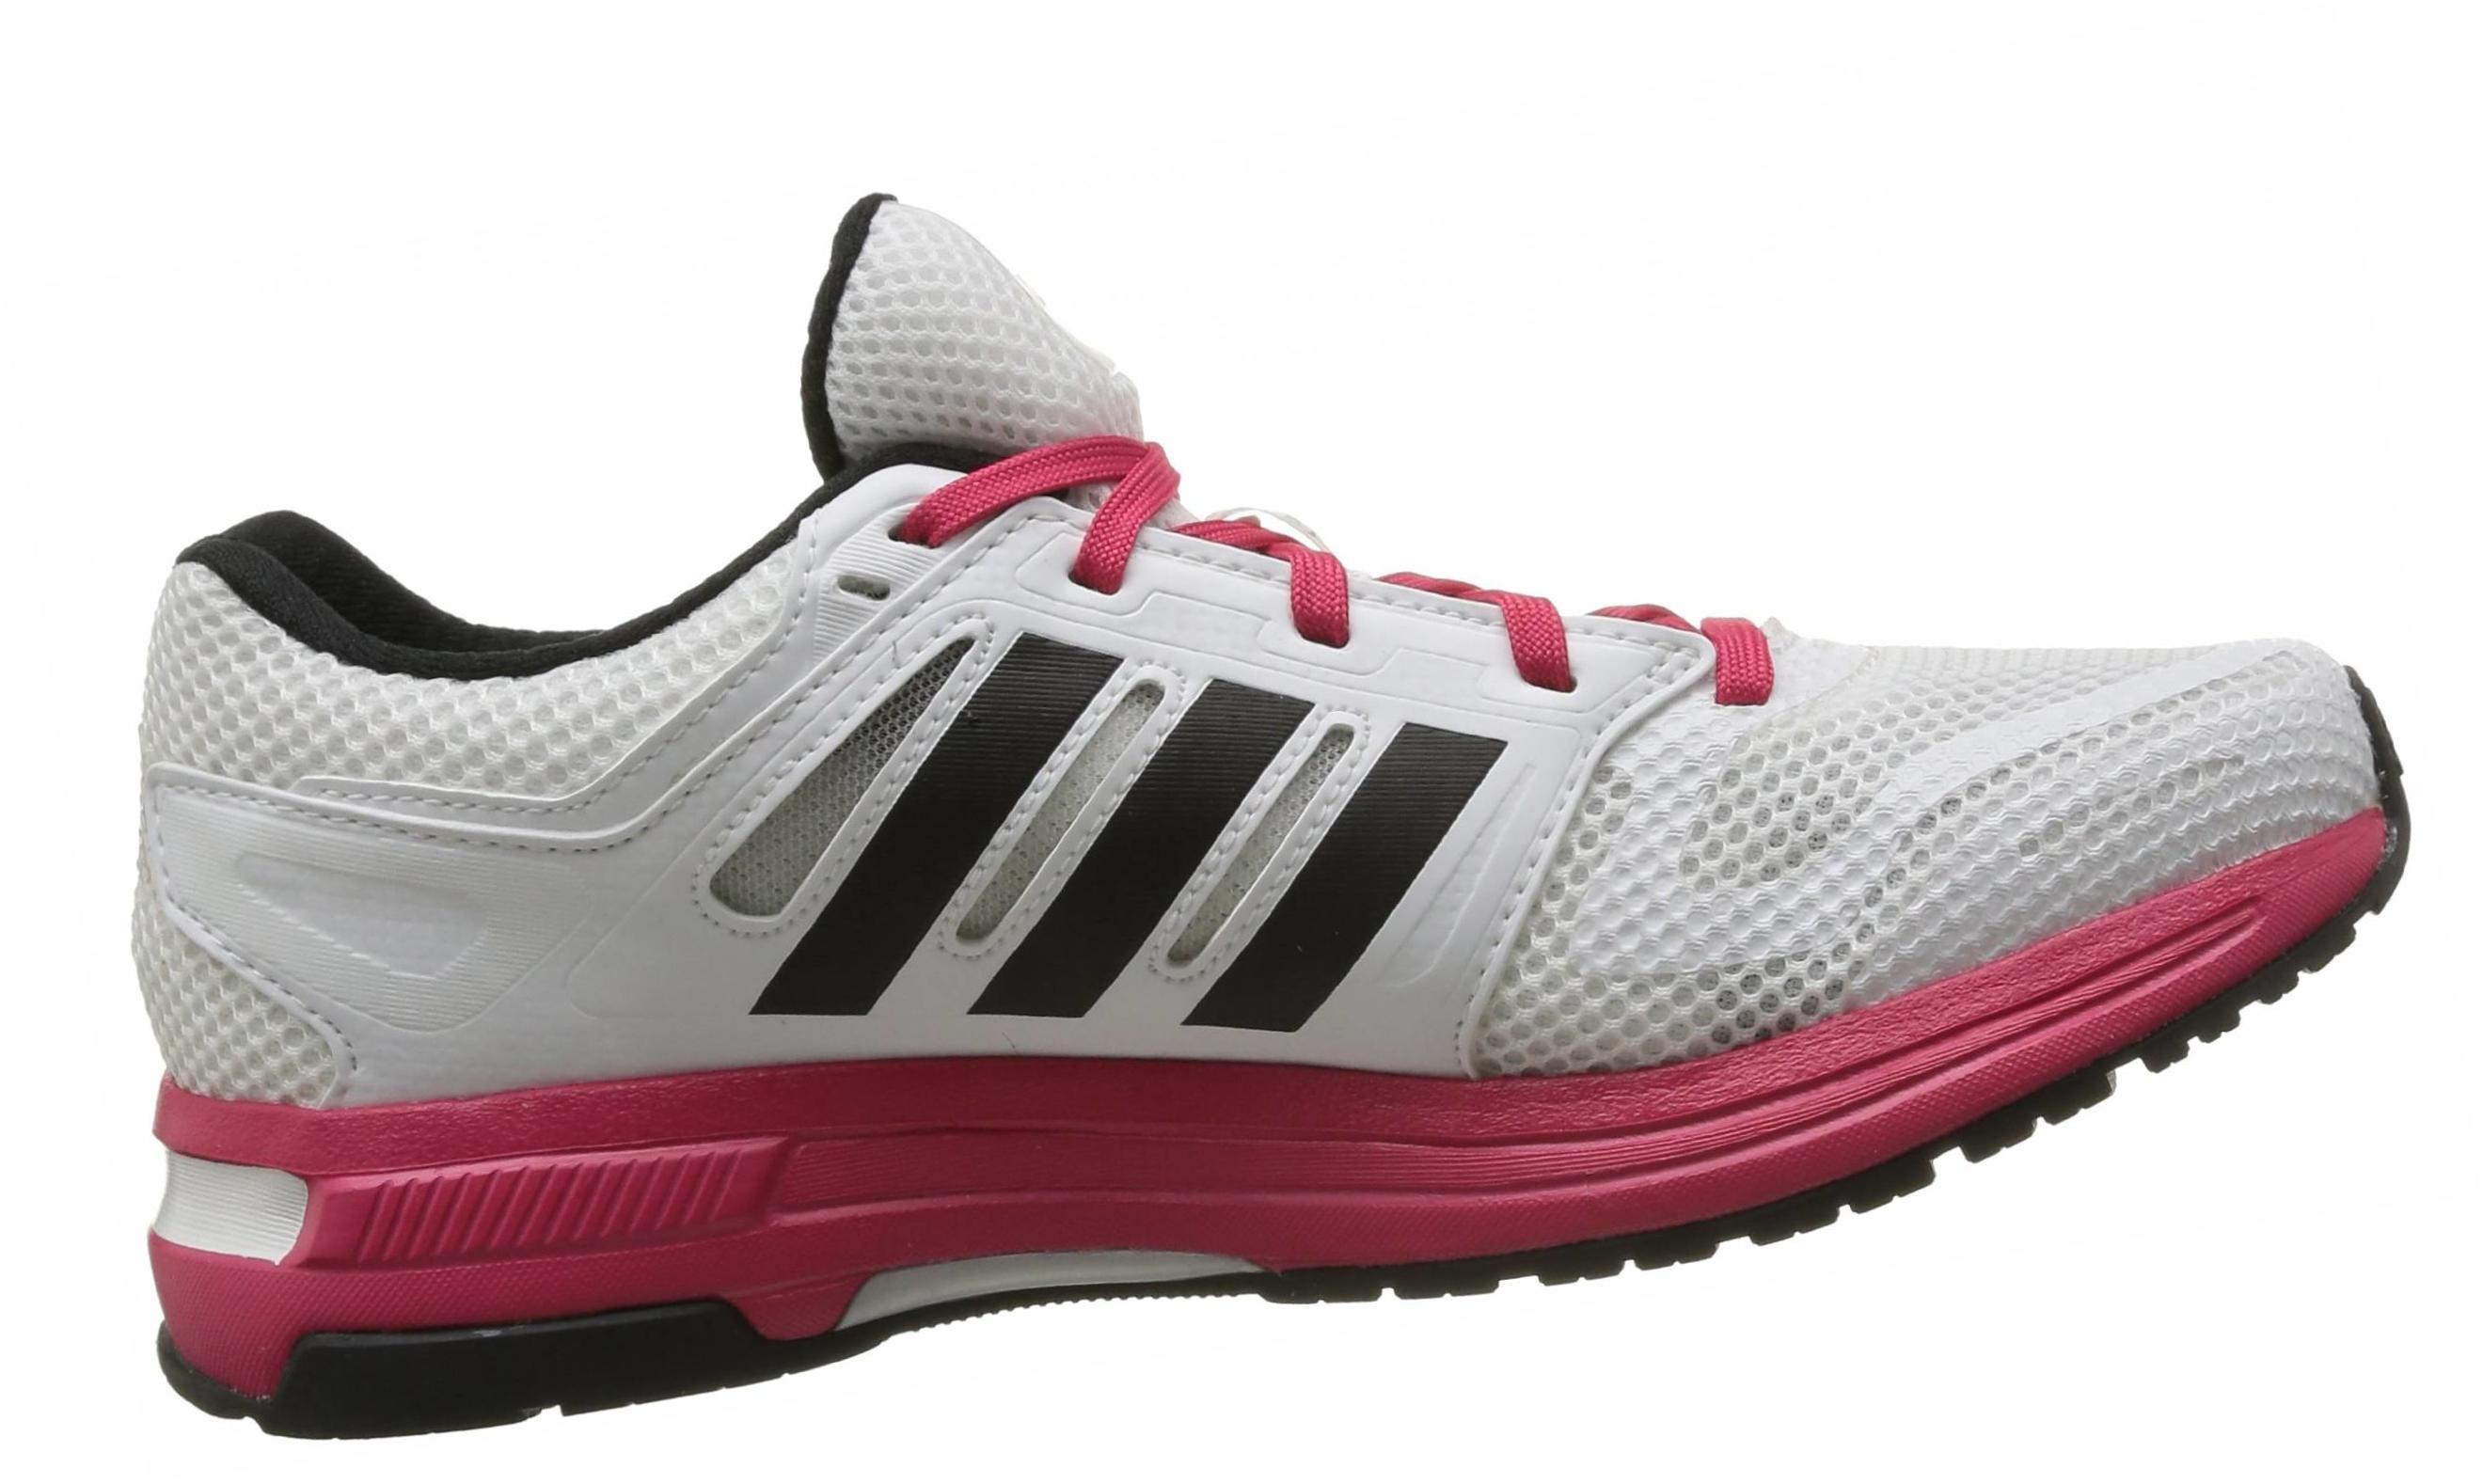 adidas boost revenergy